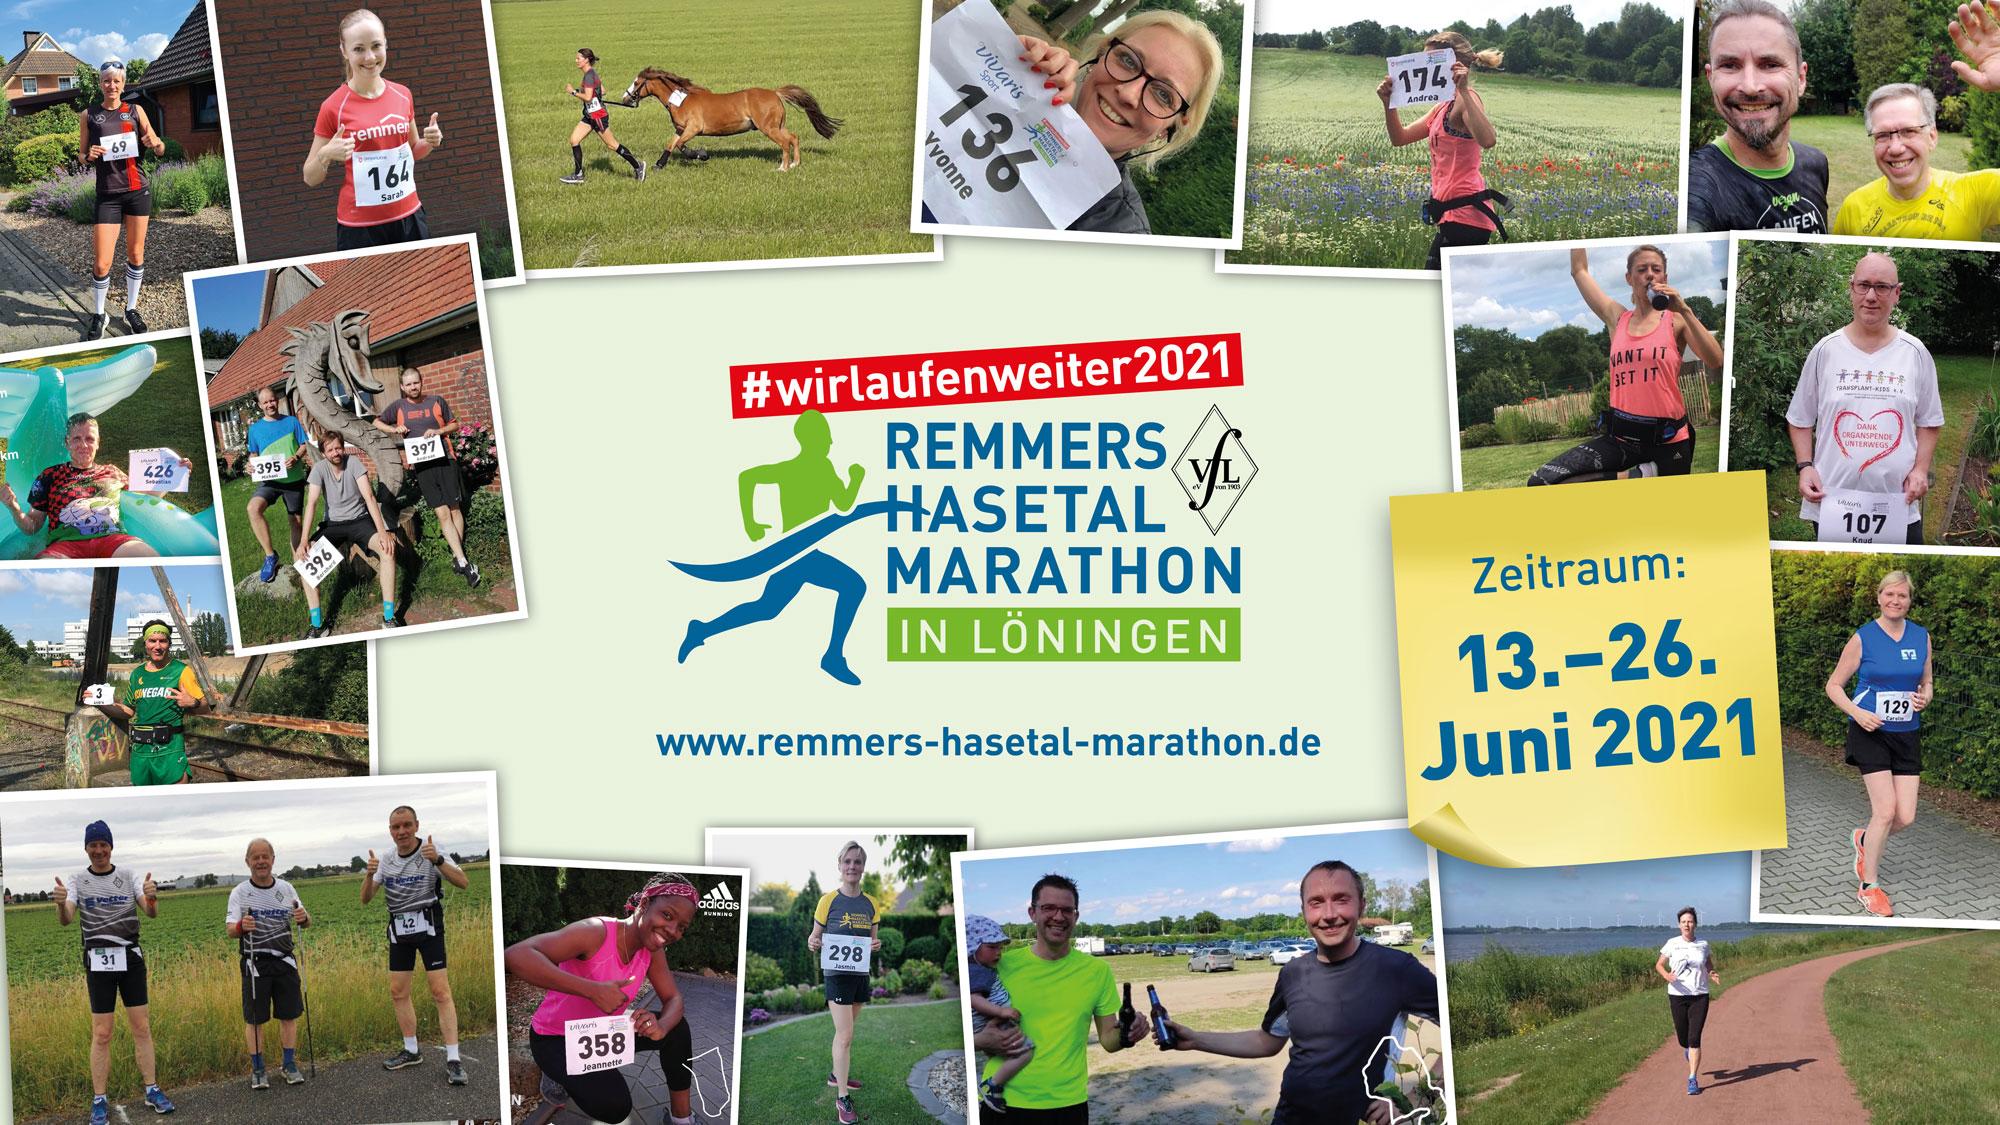 zum Bild:Foto-Collage zu #wirlaufenweiter2021. Foto: Remmers-Hasetal-Marathon.